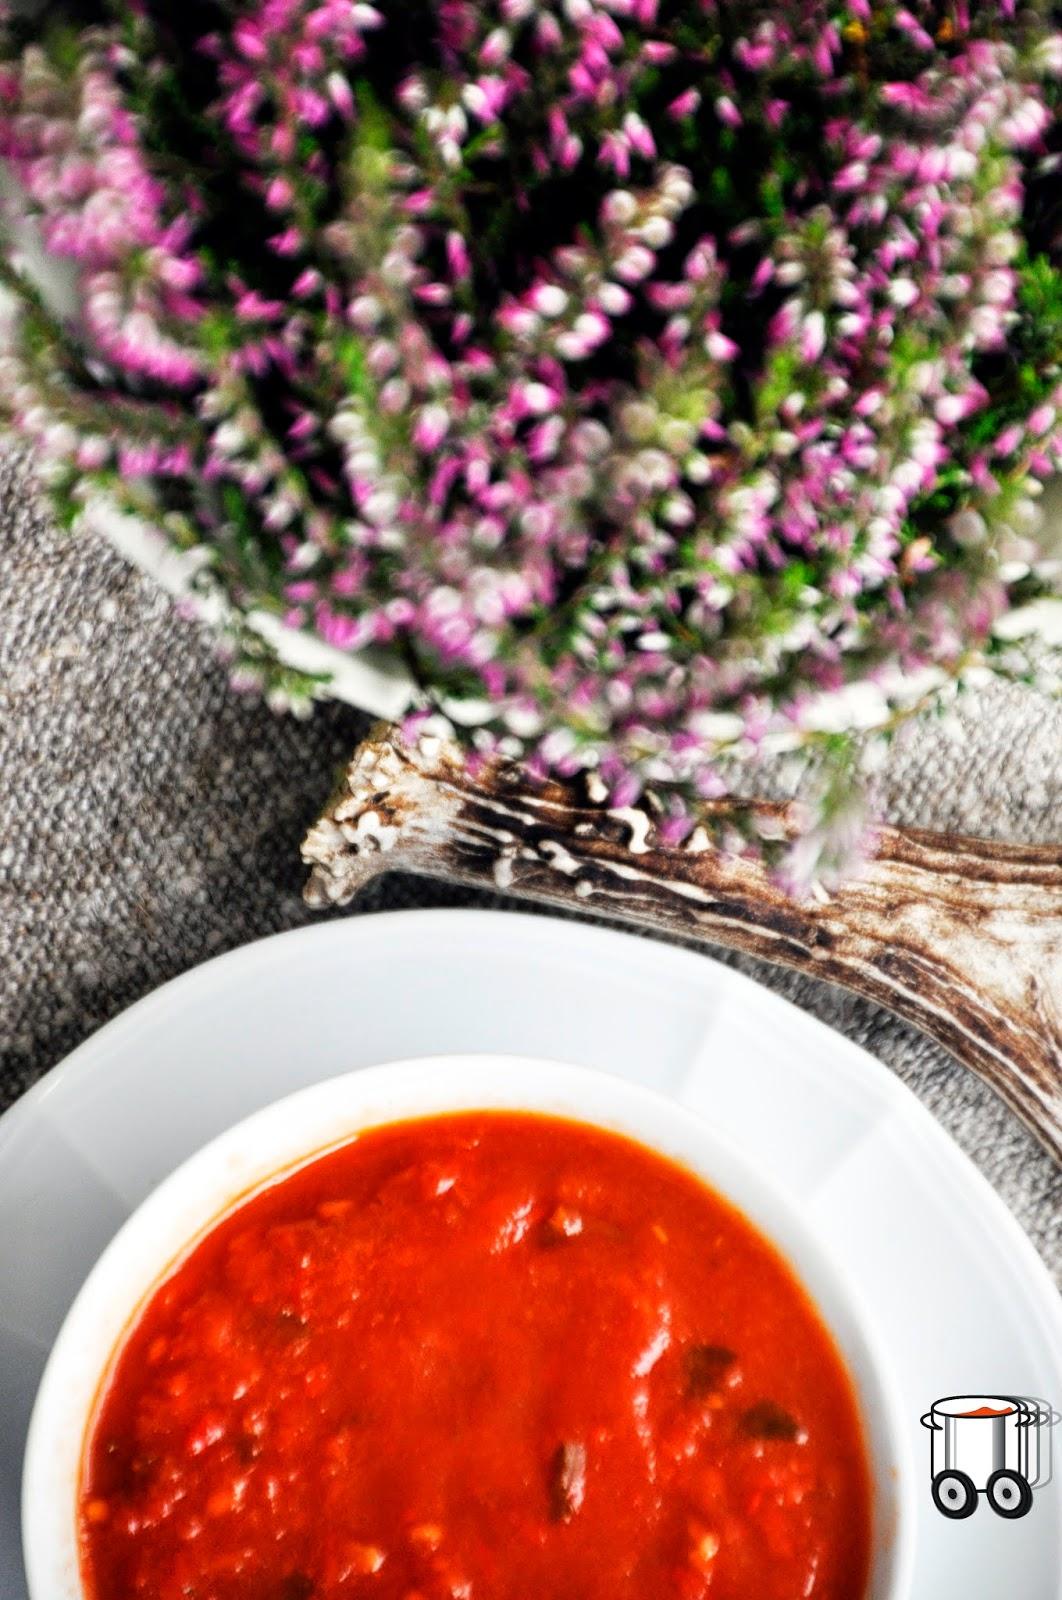 Szybko Tanio Smacznie - Zupa krem paprykowo-pomidorowy